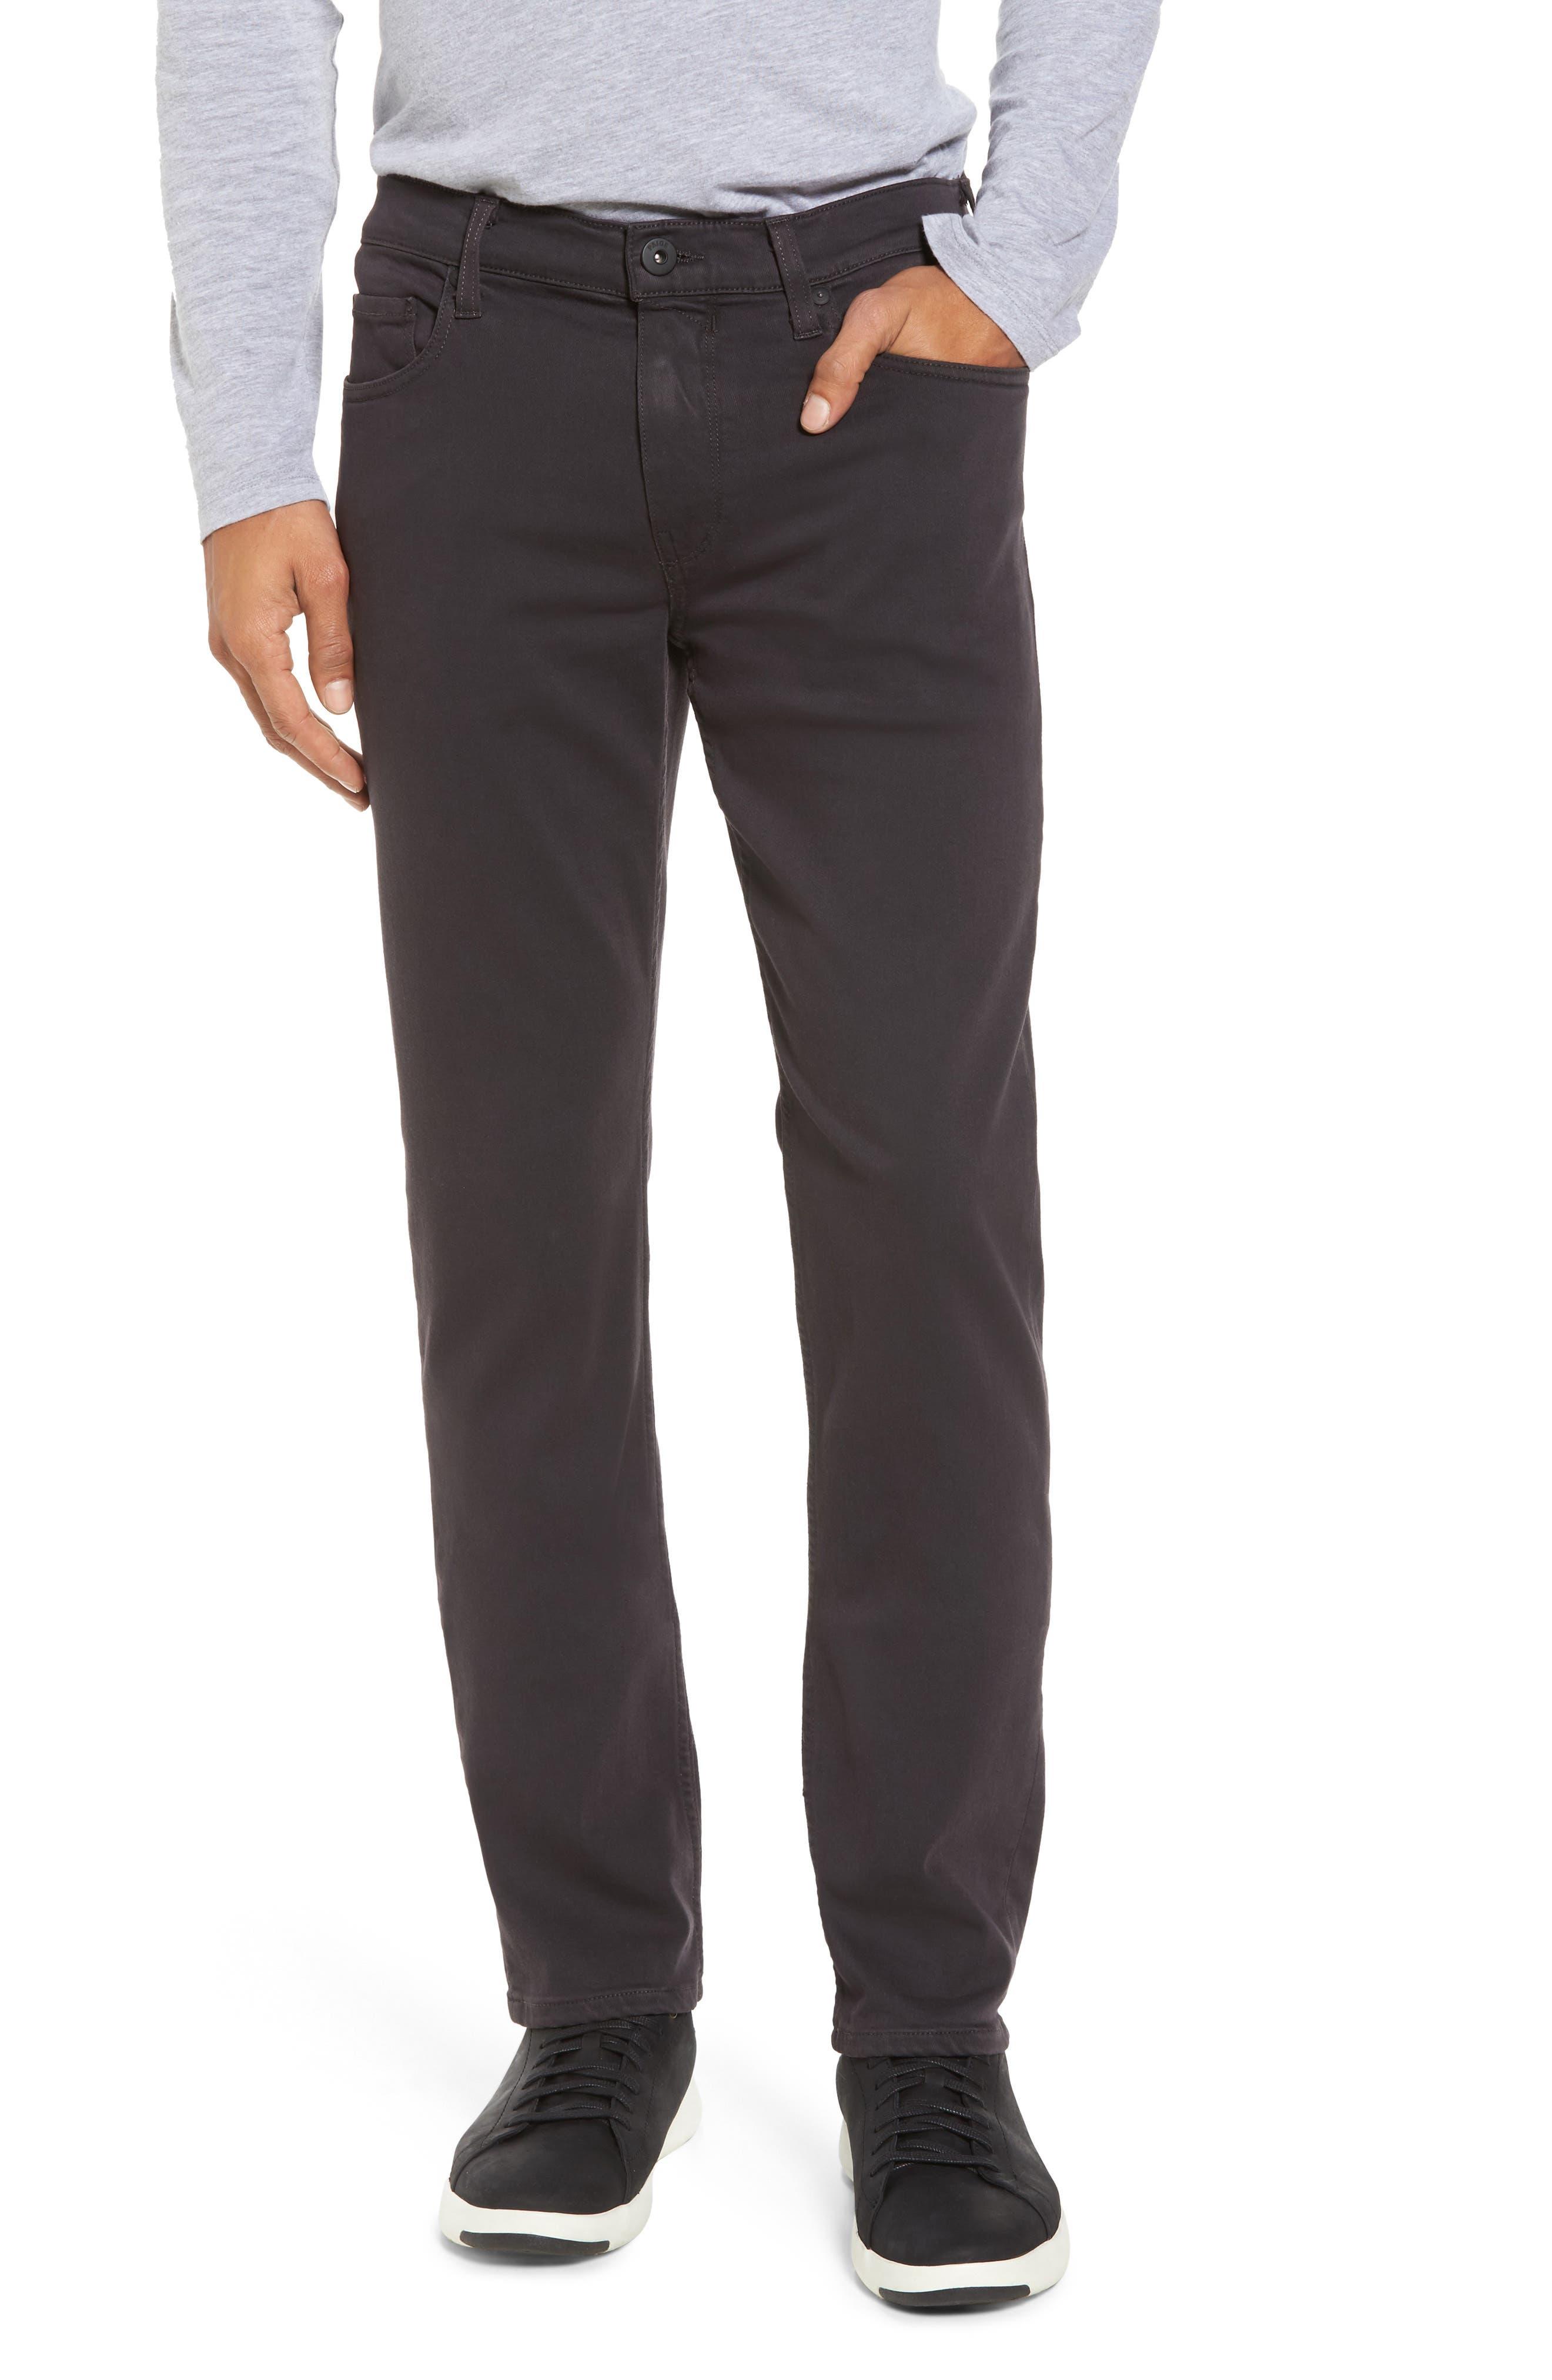 Transcend - Lennox Slim Fit Jeans,                         Main,                         color, 021